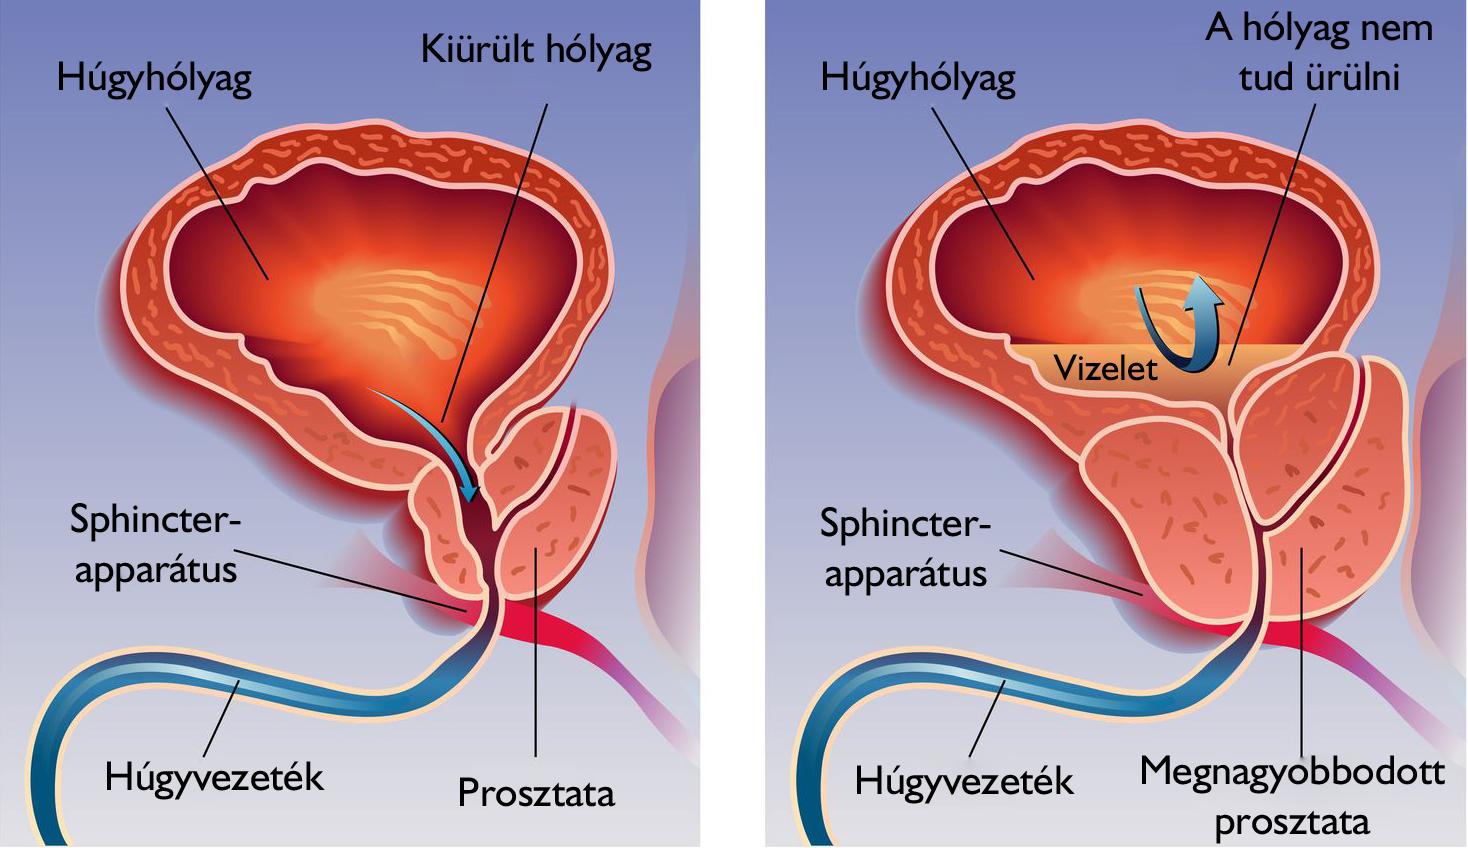 kézi pénisz stimuláció erekció hosszú ideig férfiaknál